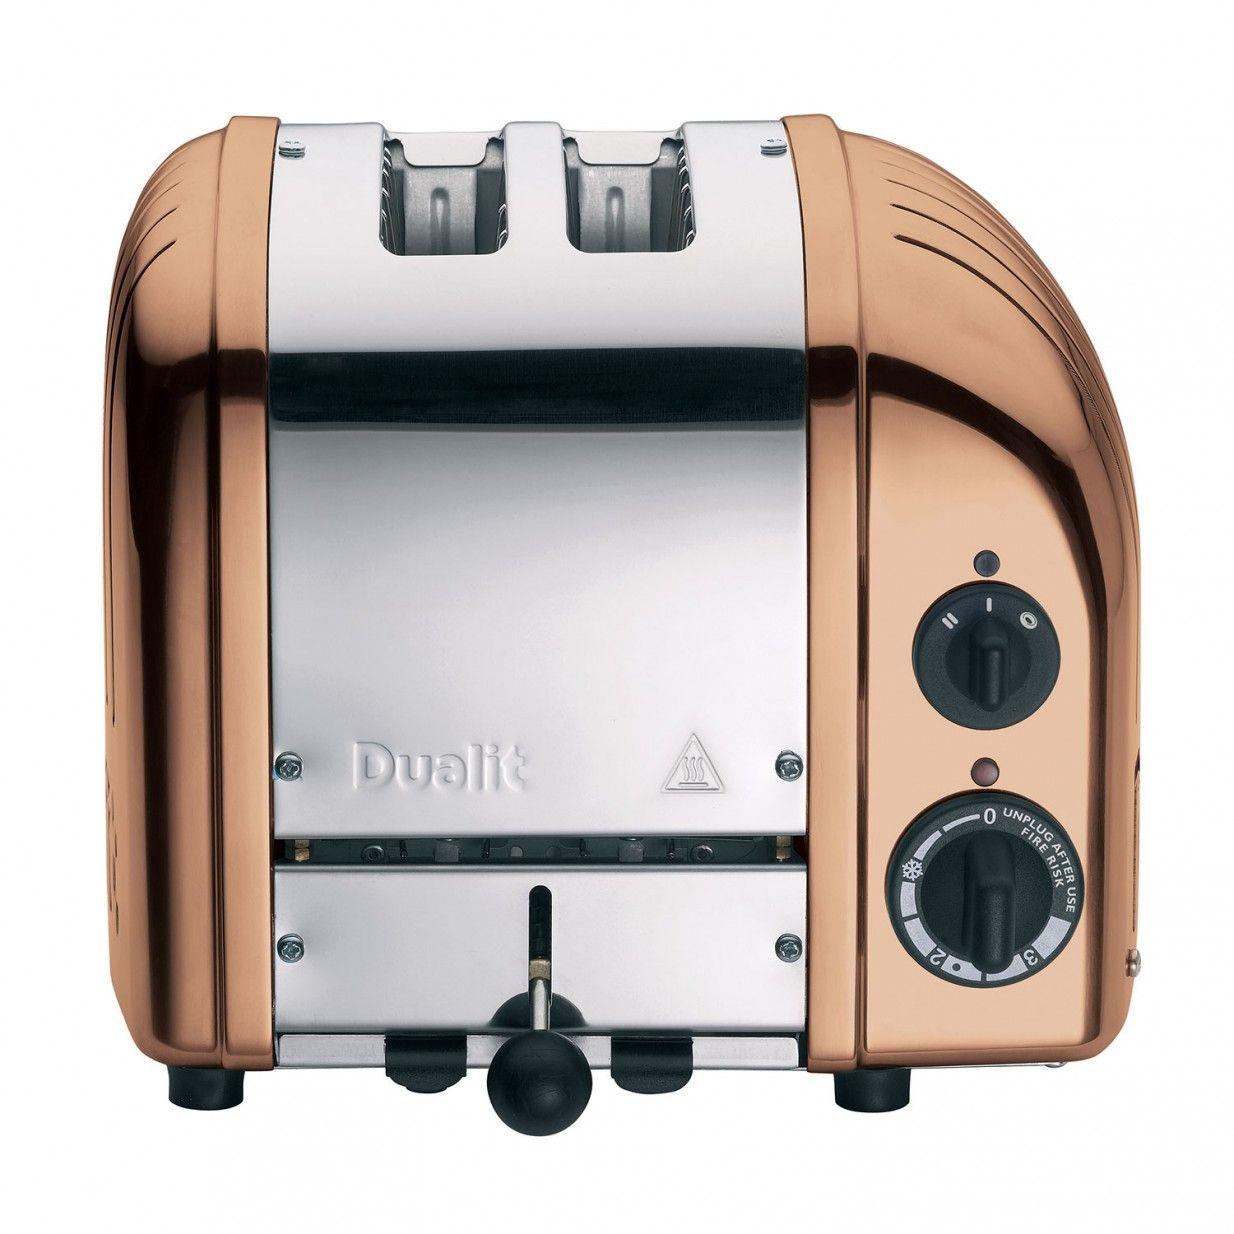 MONOQI | 2-Schlitz Toaster - Kupfer | Küche | Pinterest | Toasters